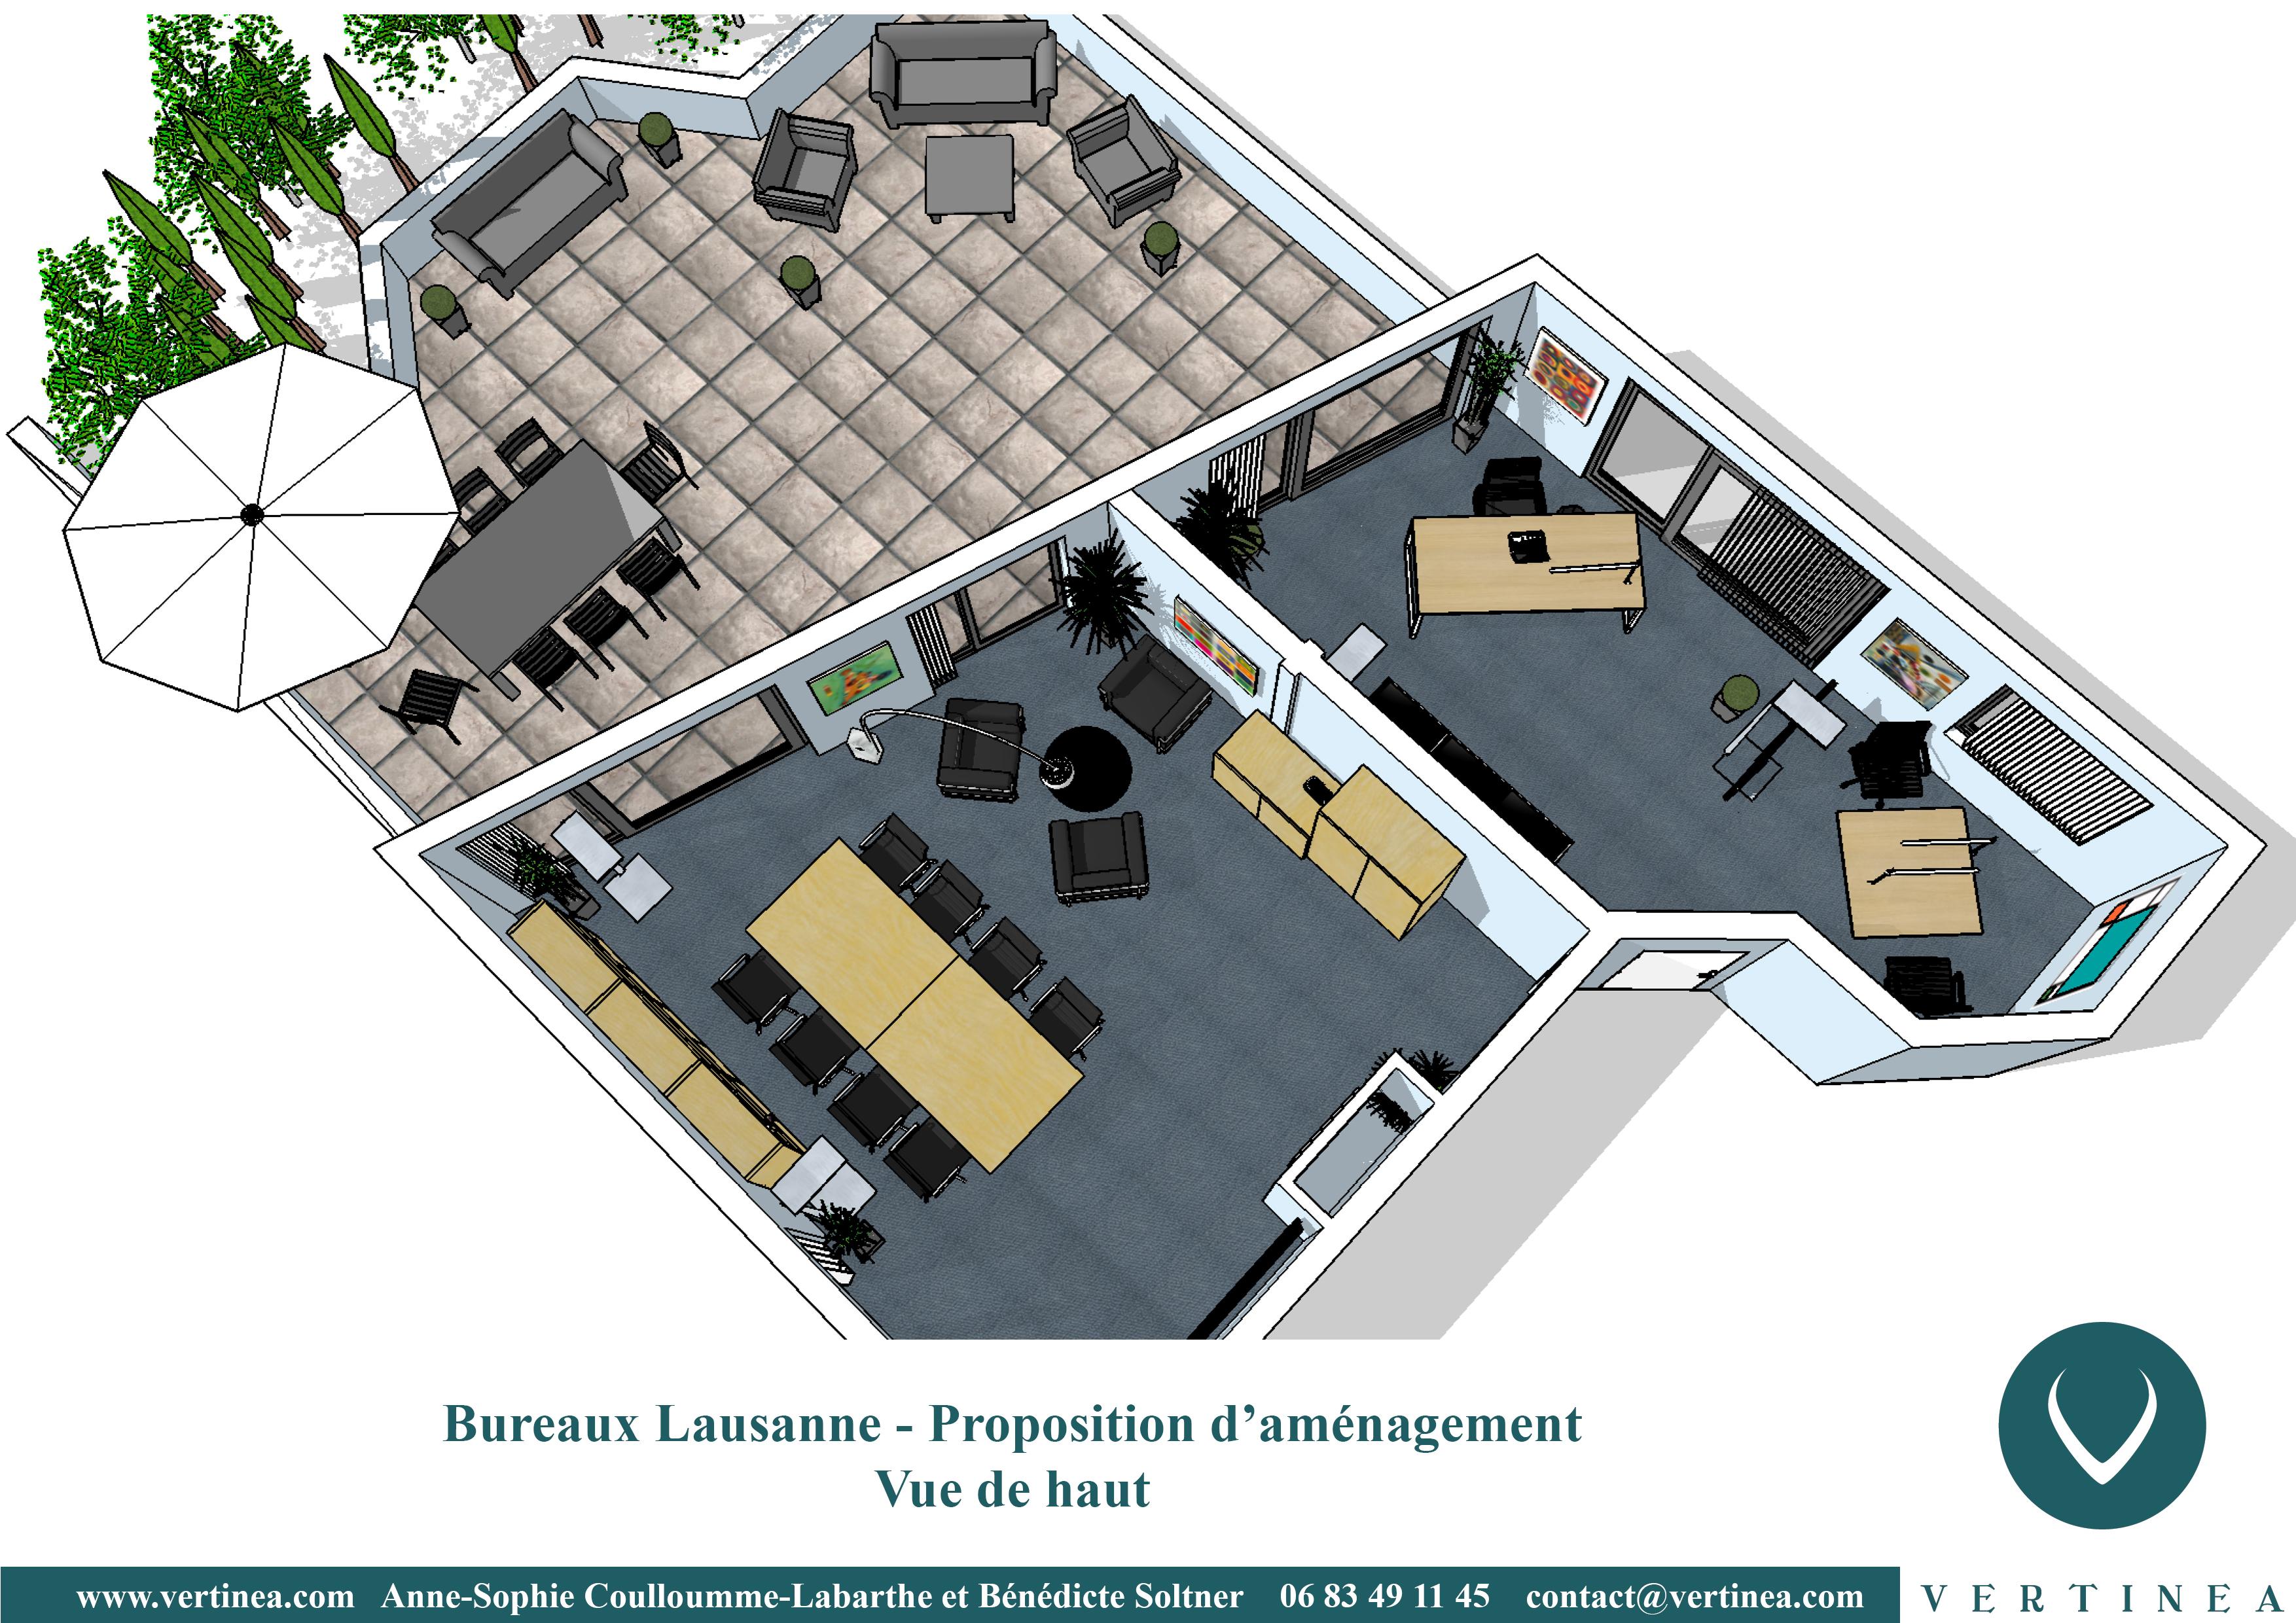 Aménagement et décoration intérieure de bureaux à lausanne vertinea